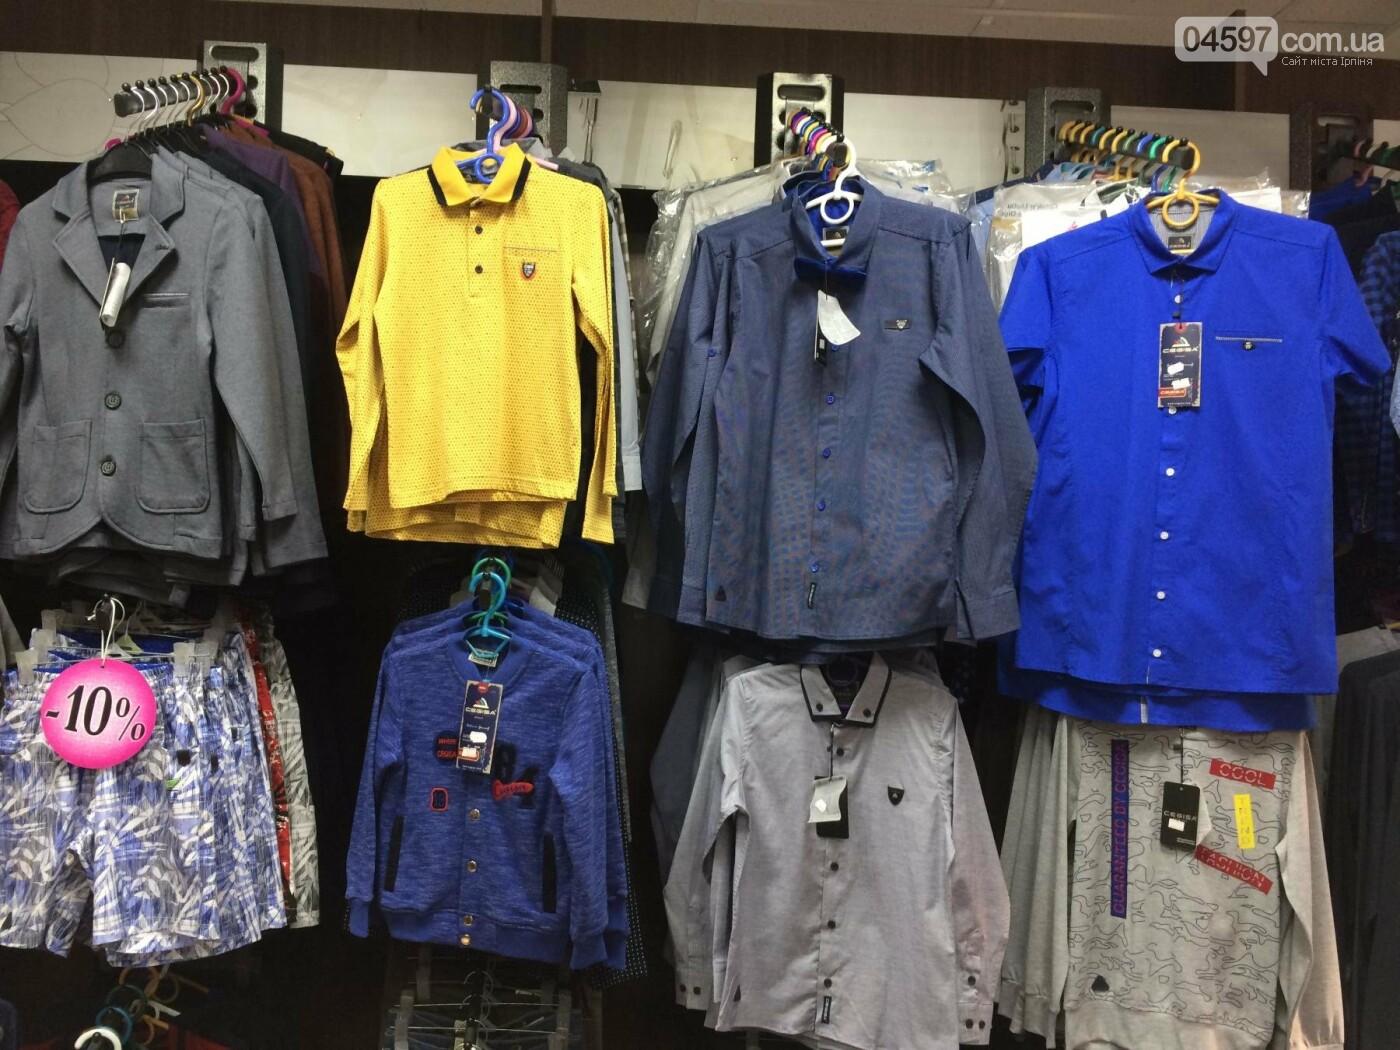 Де купити дитячий одяг в Ірпені: асортимент та ціни, фото-72